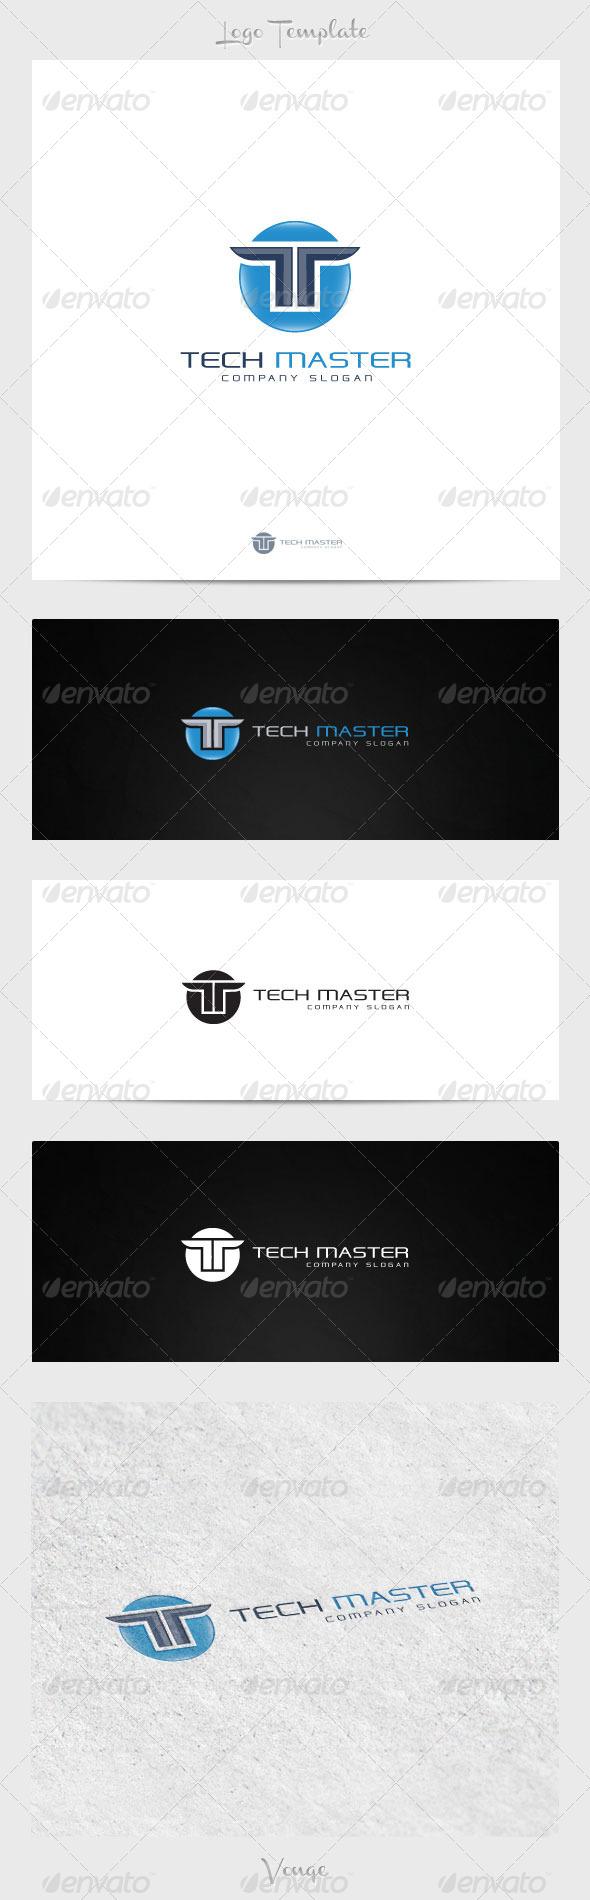 GraphicRiver Tech Master 4222972